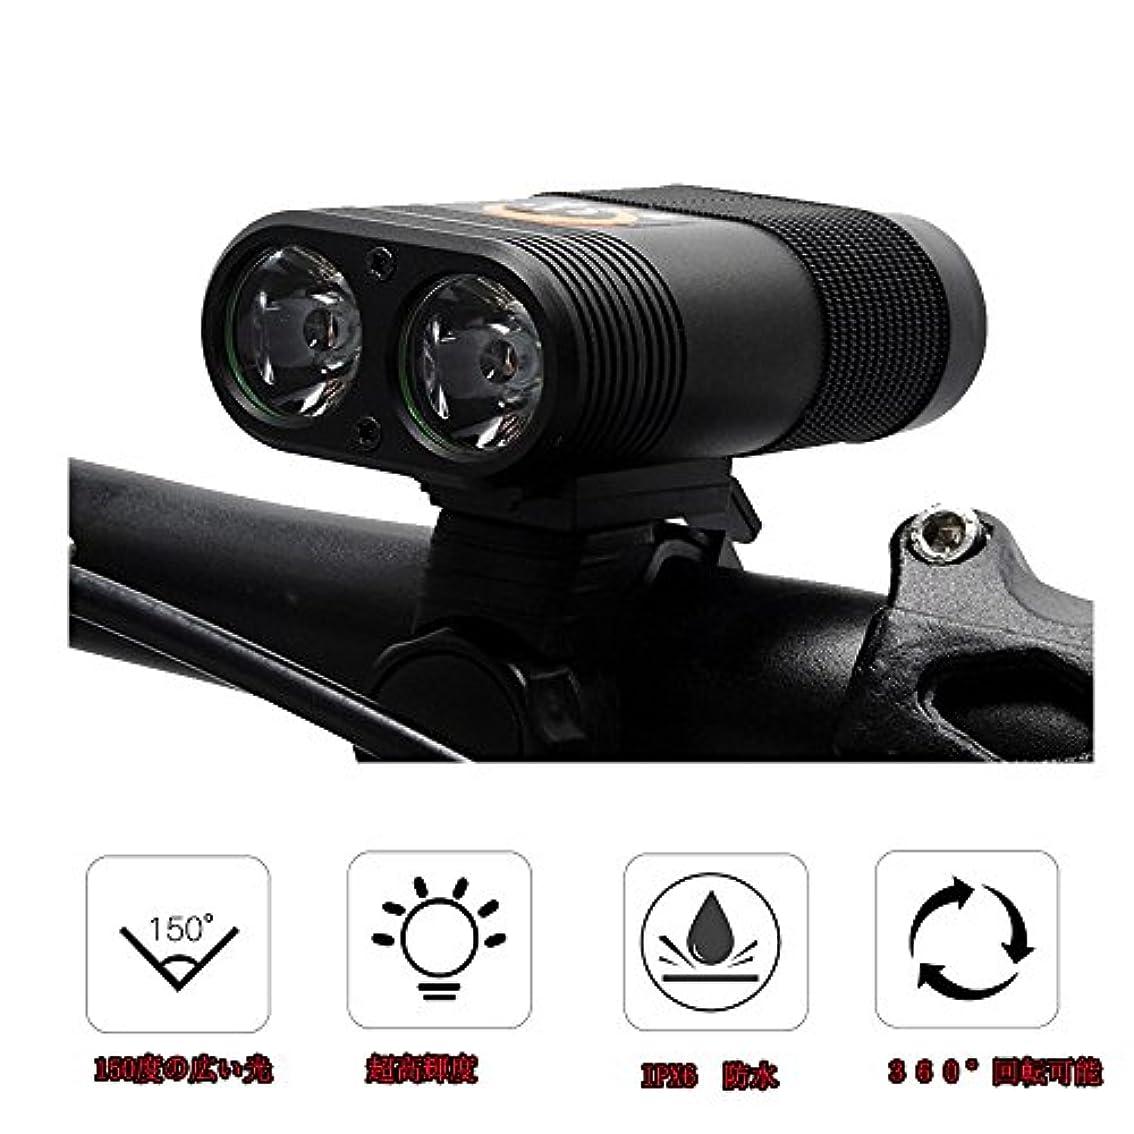 概要割り当てますアーサーコナンドイル自転車ライト, Savman 高輝度 LED自転車ヘッドライト 防水 USB充電式 取り付けが簡単 着脱が容易 360°回転可能 Led懐中電灯 800ルーメン